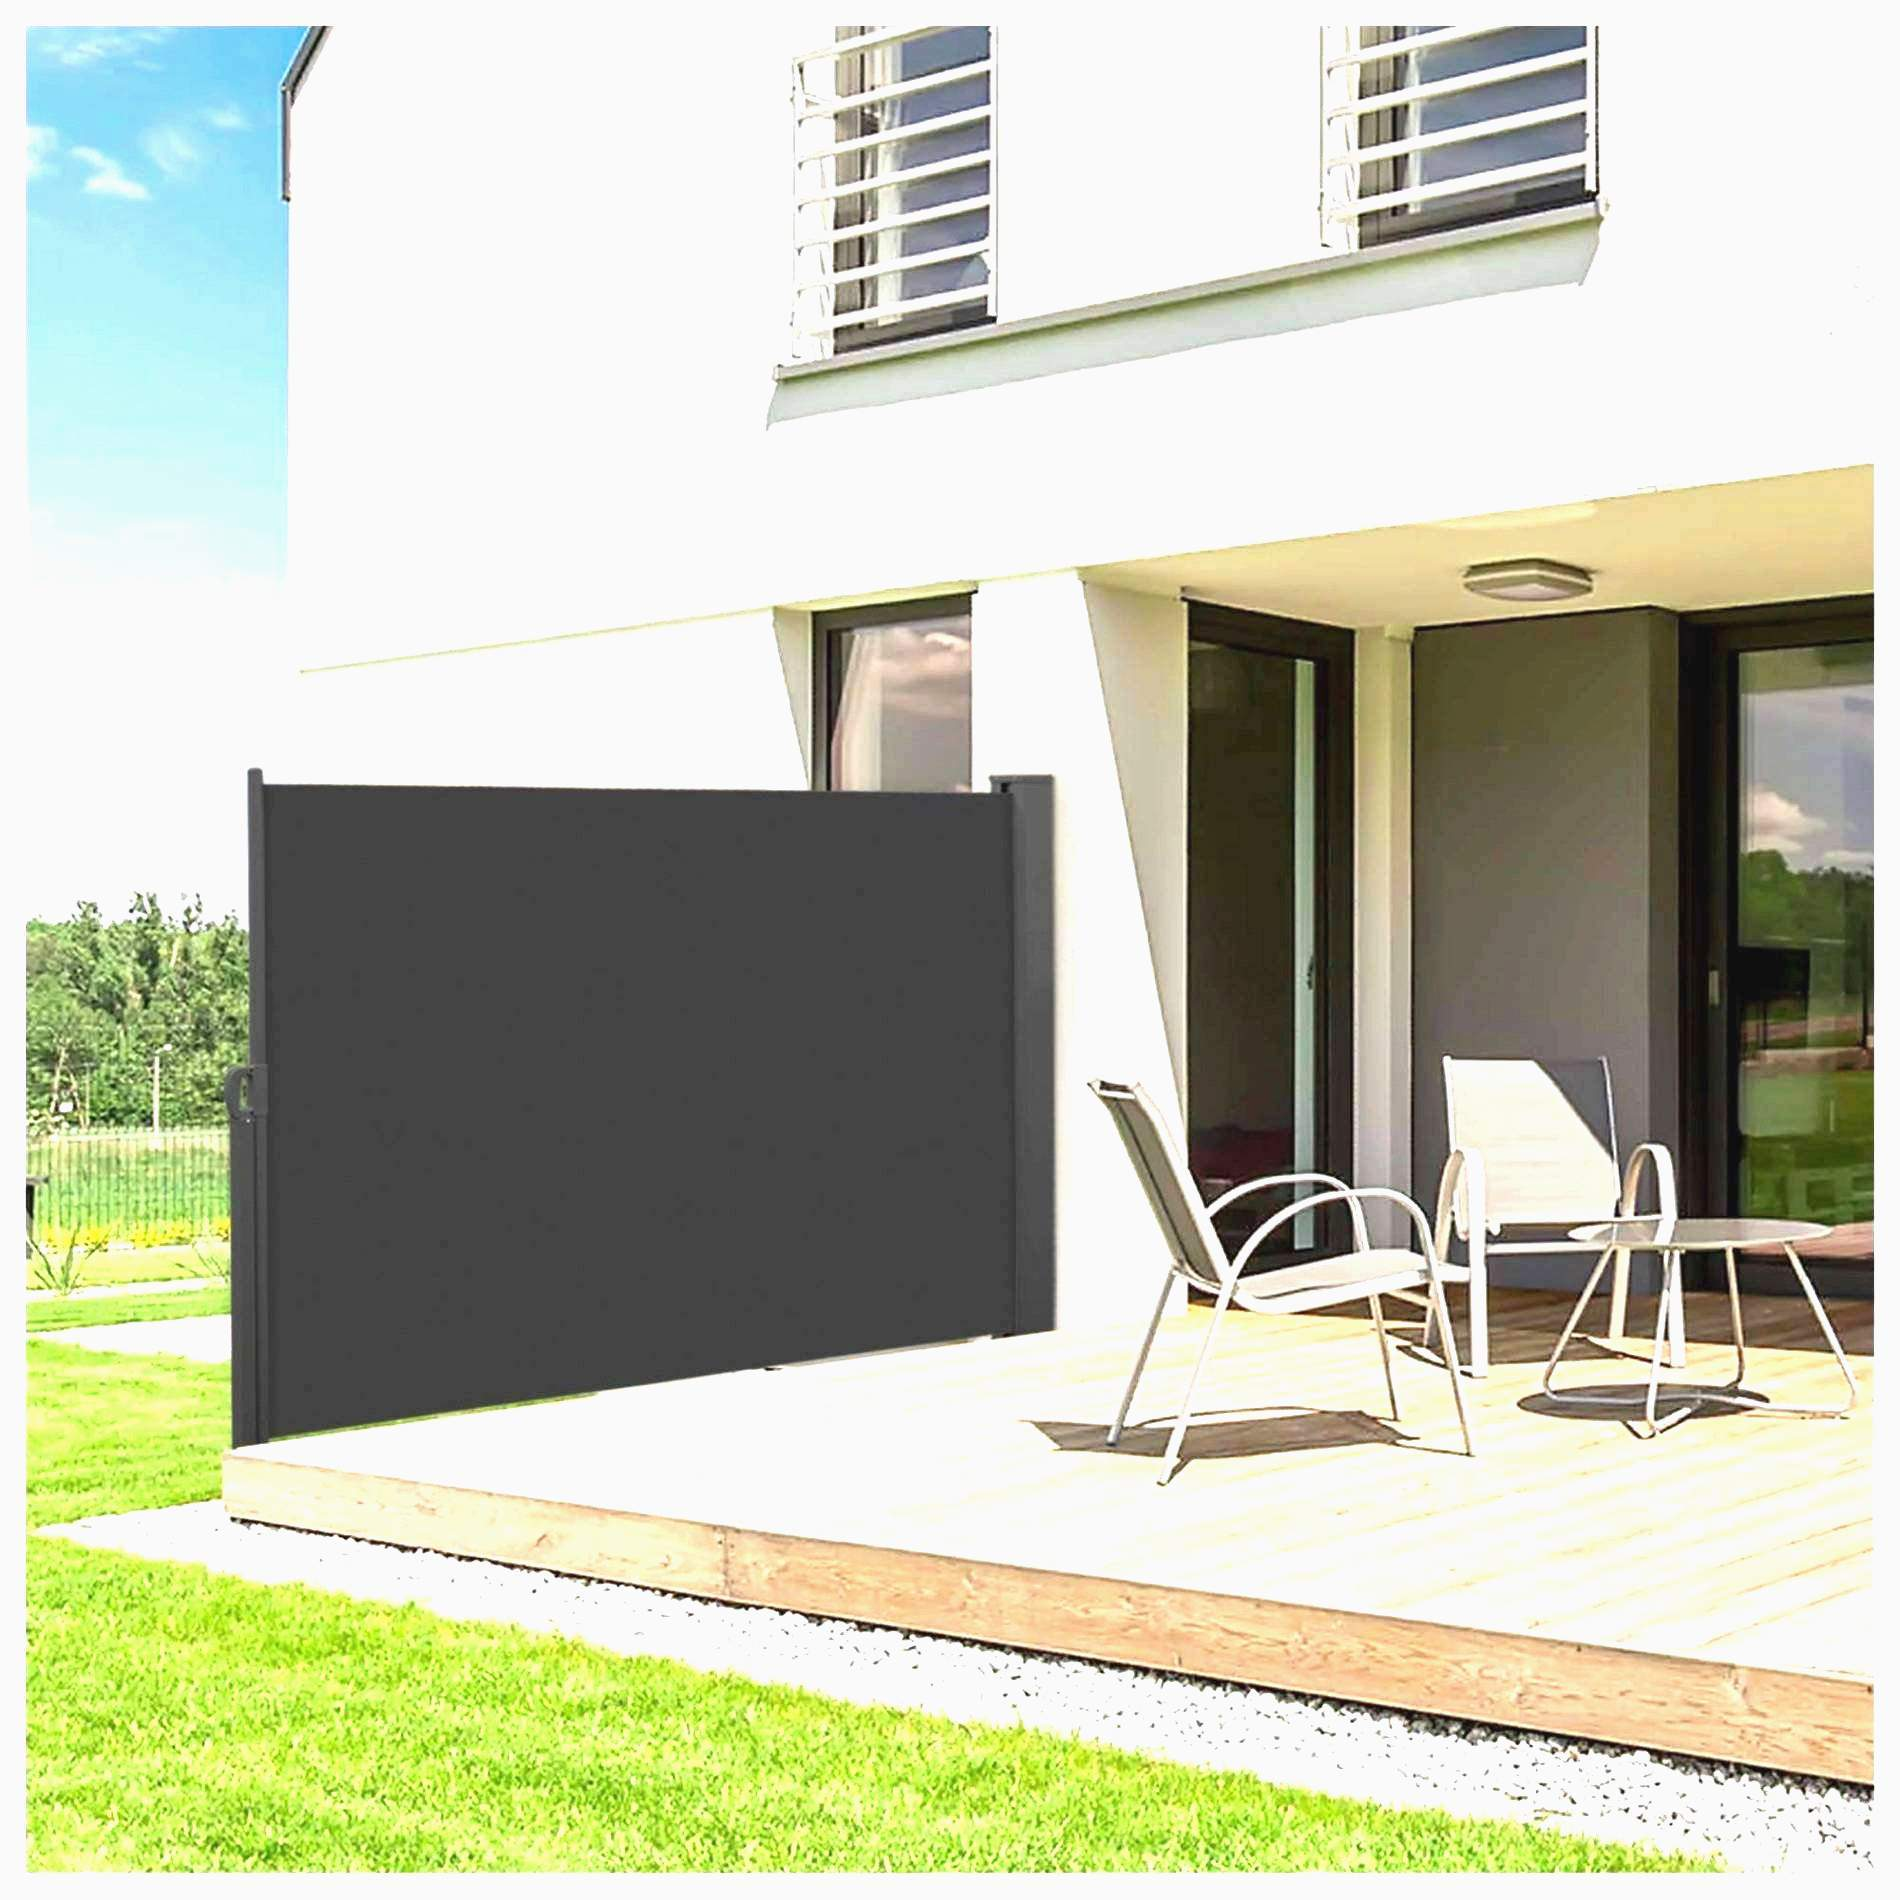 garten terrasse holz schon sichtschutz wohnzimmer neu holz auf terrasse of garten terrasse holz